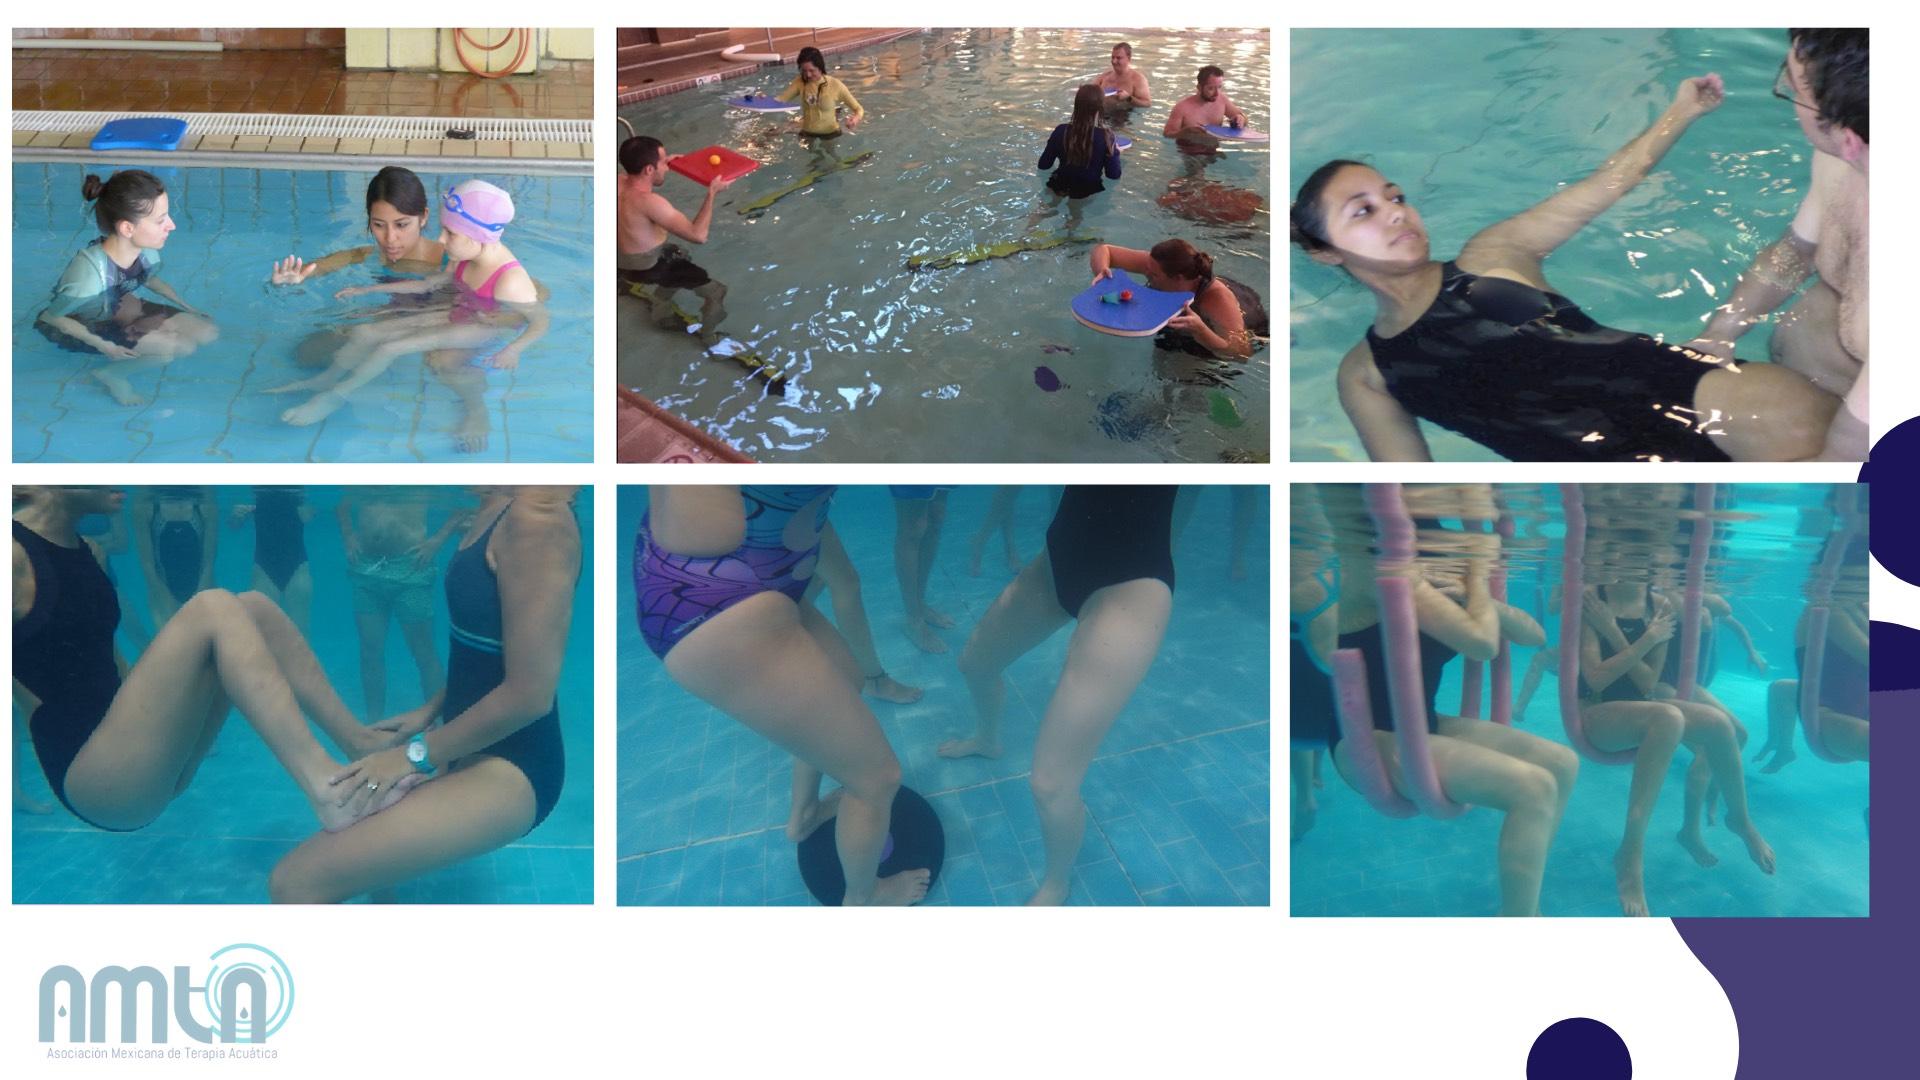 Collage de fotos de terapia acuática, escenas de mujeres, niños y hombres en una alberca haciendo ejercicios terapéuticos. Asociación Mexicana de Terapia Acuática